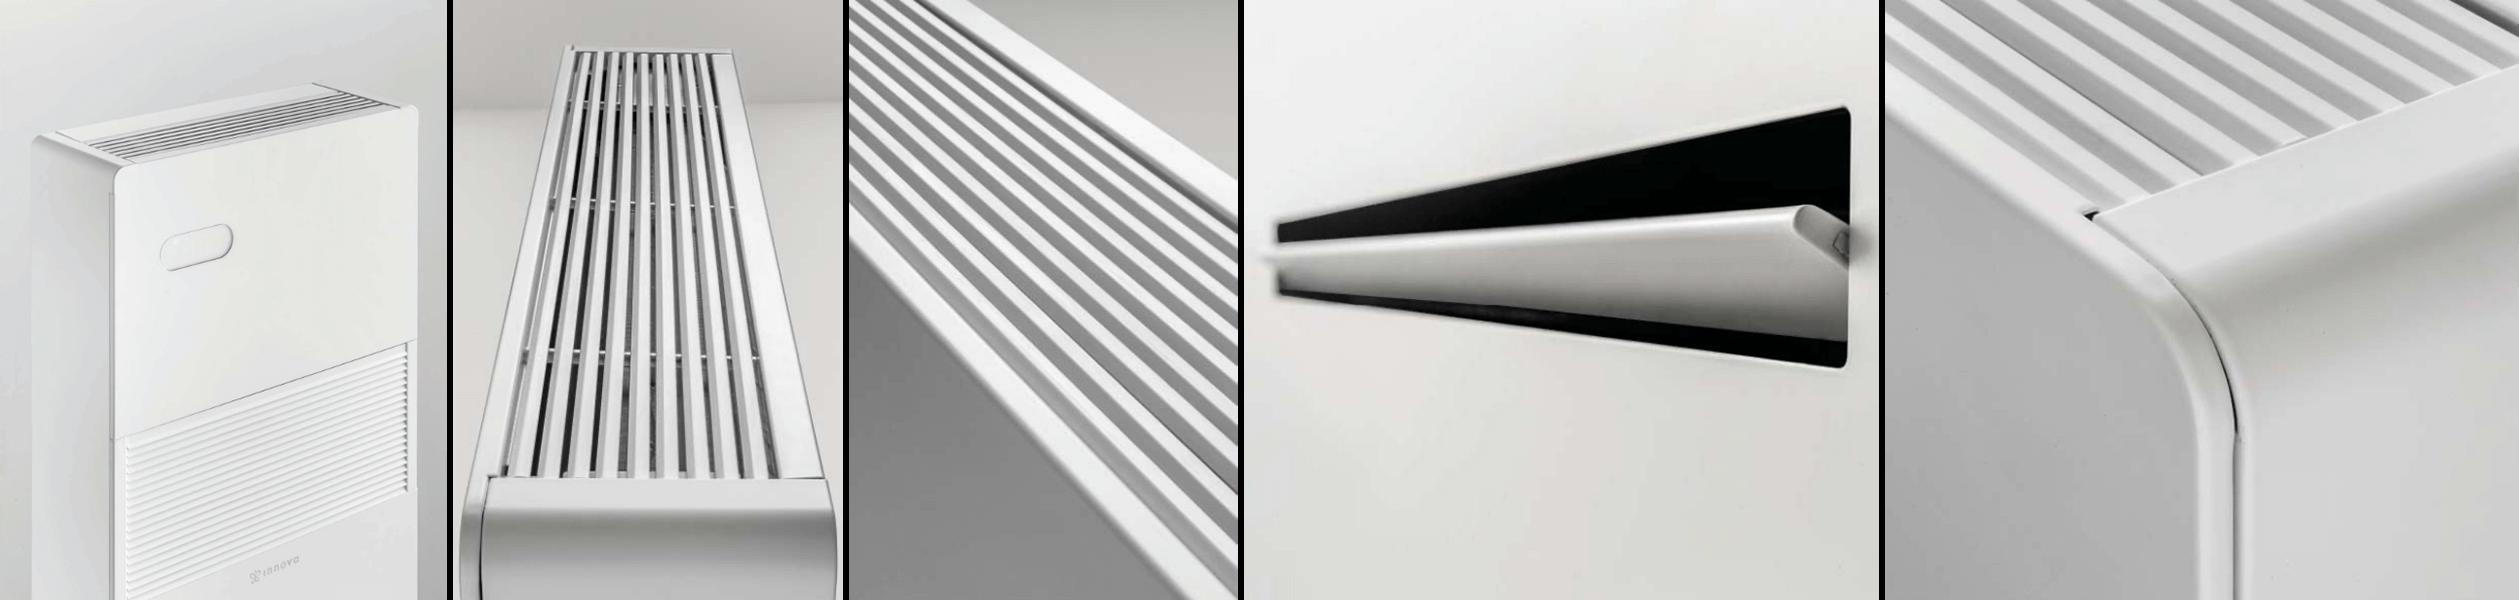 Unsere Klimaanlagen - elegantes Design